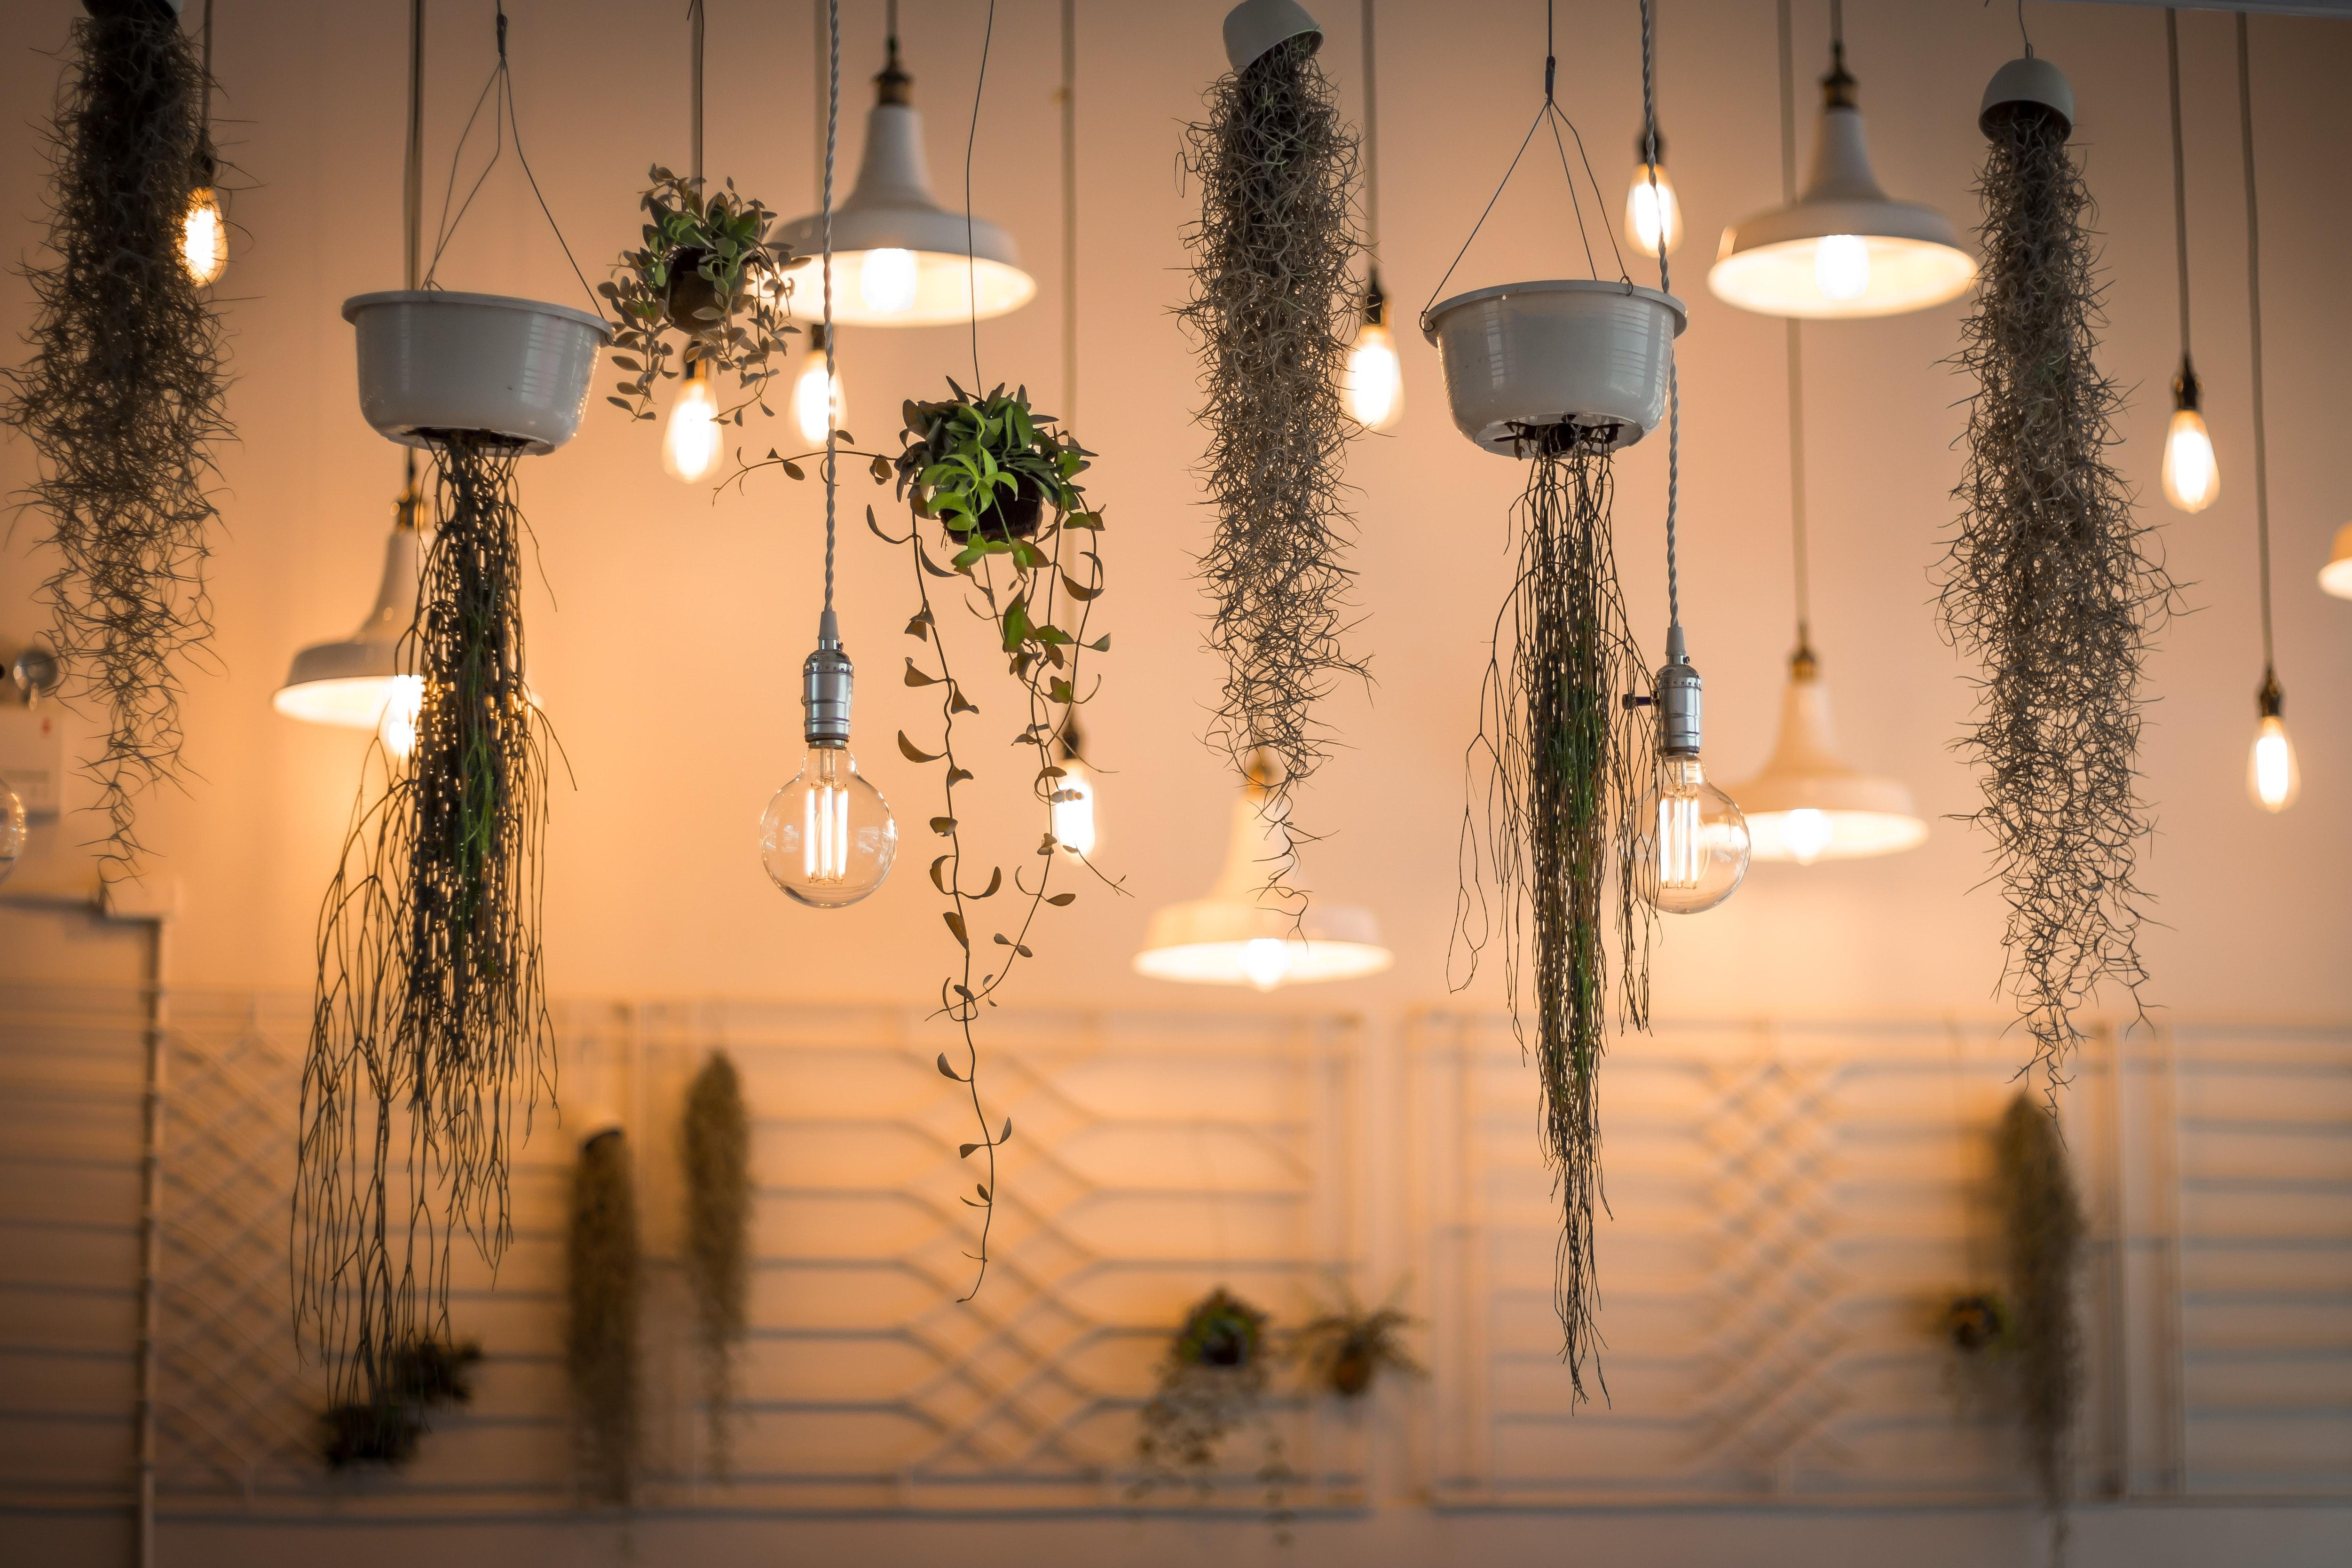 patrick schneider mFnbFaCIu1I unsplash - Sådan får du den rigtige belysning ind i din bolig